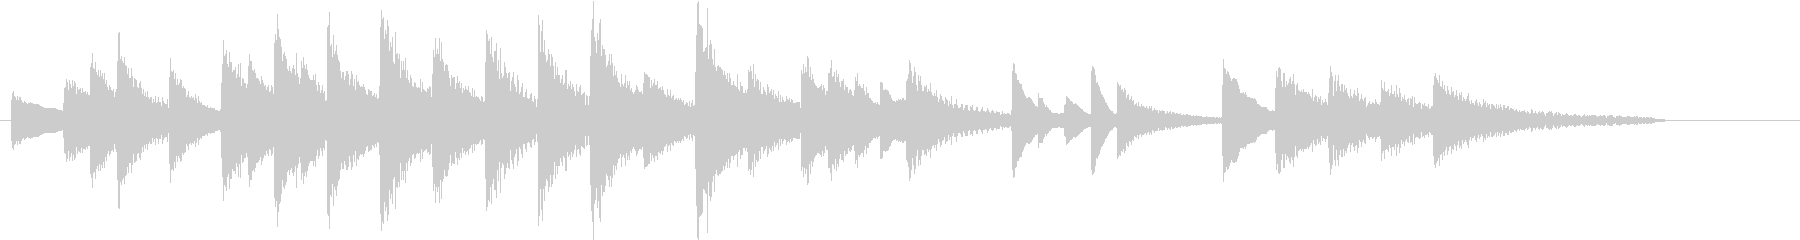 童謡・赤とんぼモチーフのピアノジングルBの未再生の波形